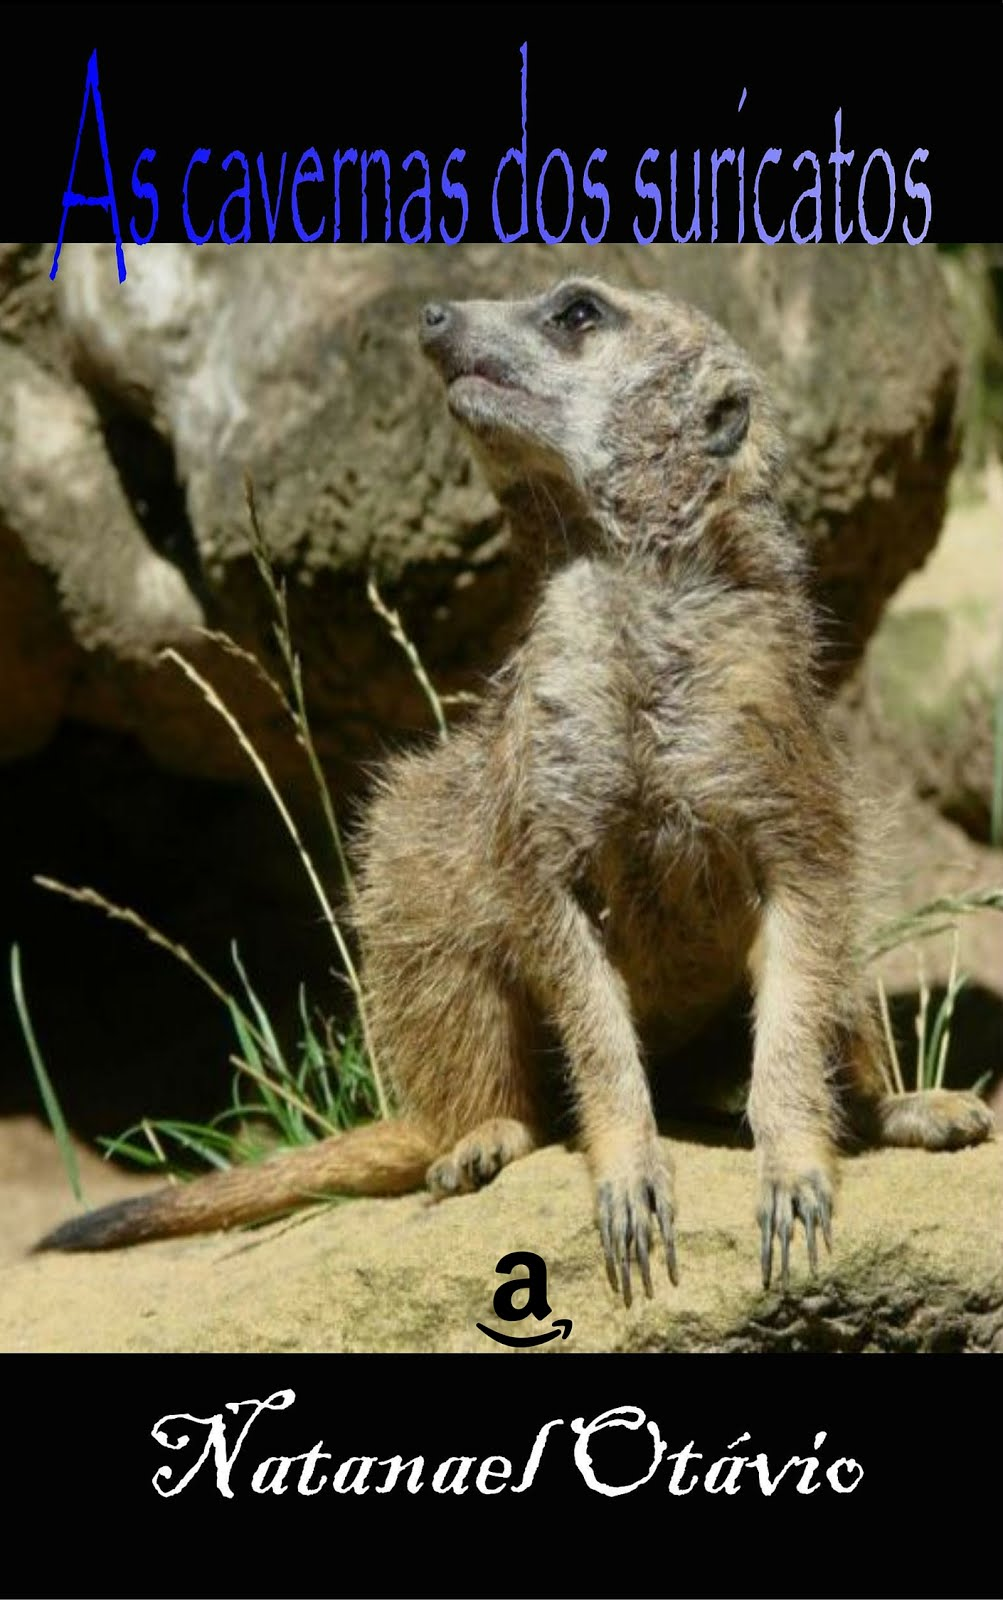 As cavernas dos suricatos